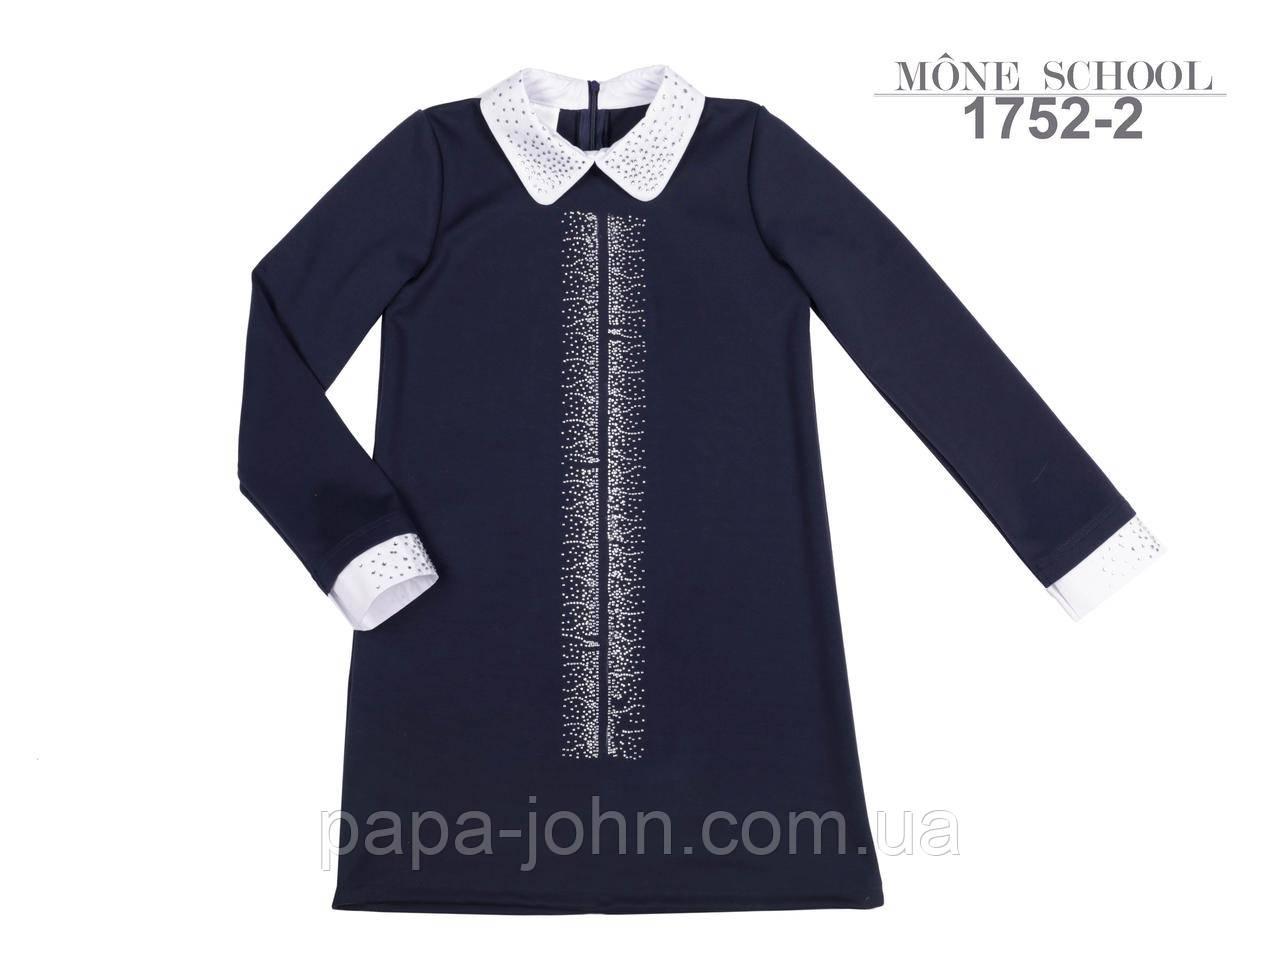 платье трикотаж декор стразы тм моне р 140 цена 803 25 грн купить в кременчуге Prom Ua Id 633052532